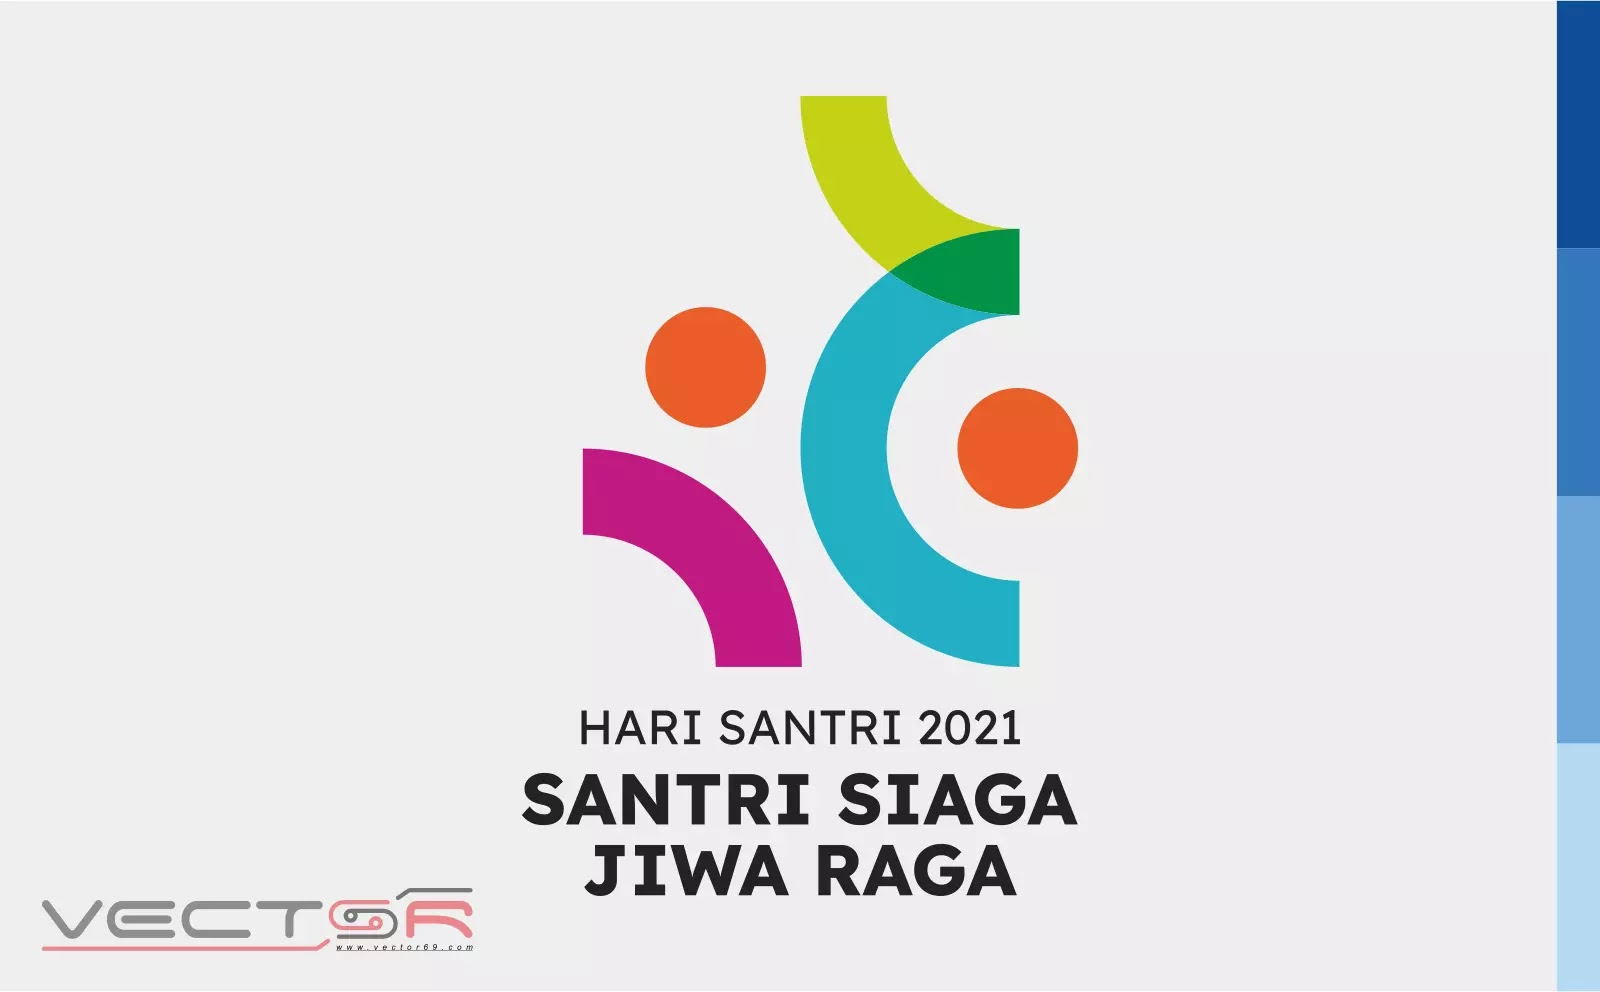 HSN (Hari Santri Nasional) 2021 Kemenag RI Logo - Download Vector File Encapsulated PostScript (.EPS)